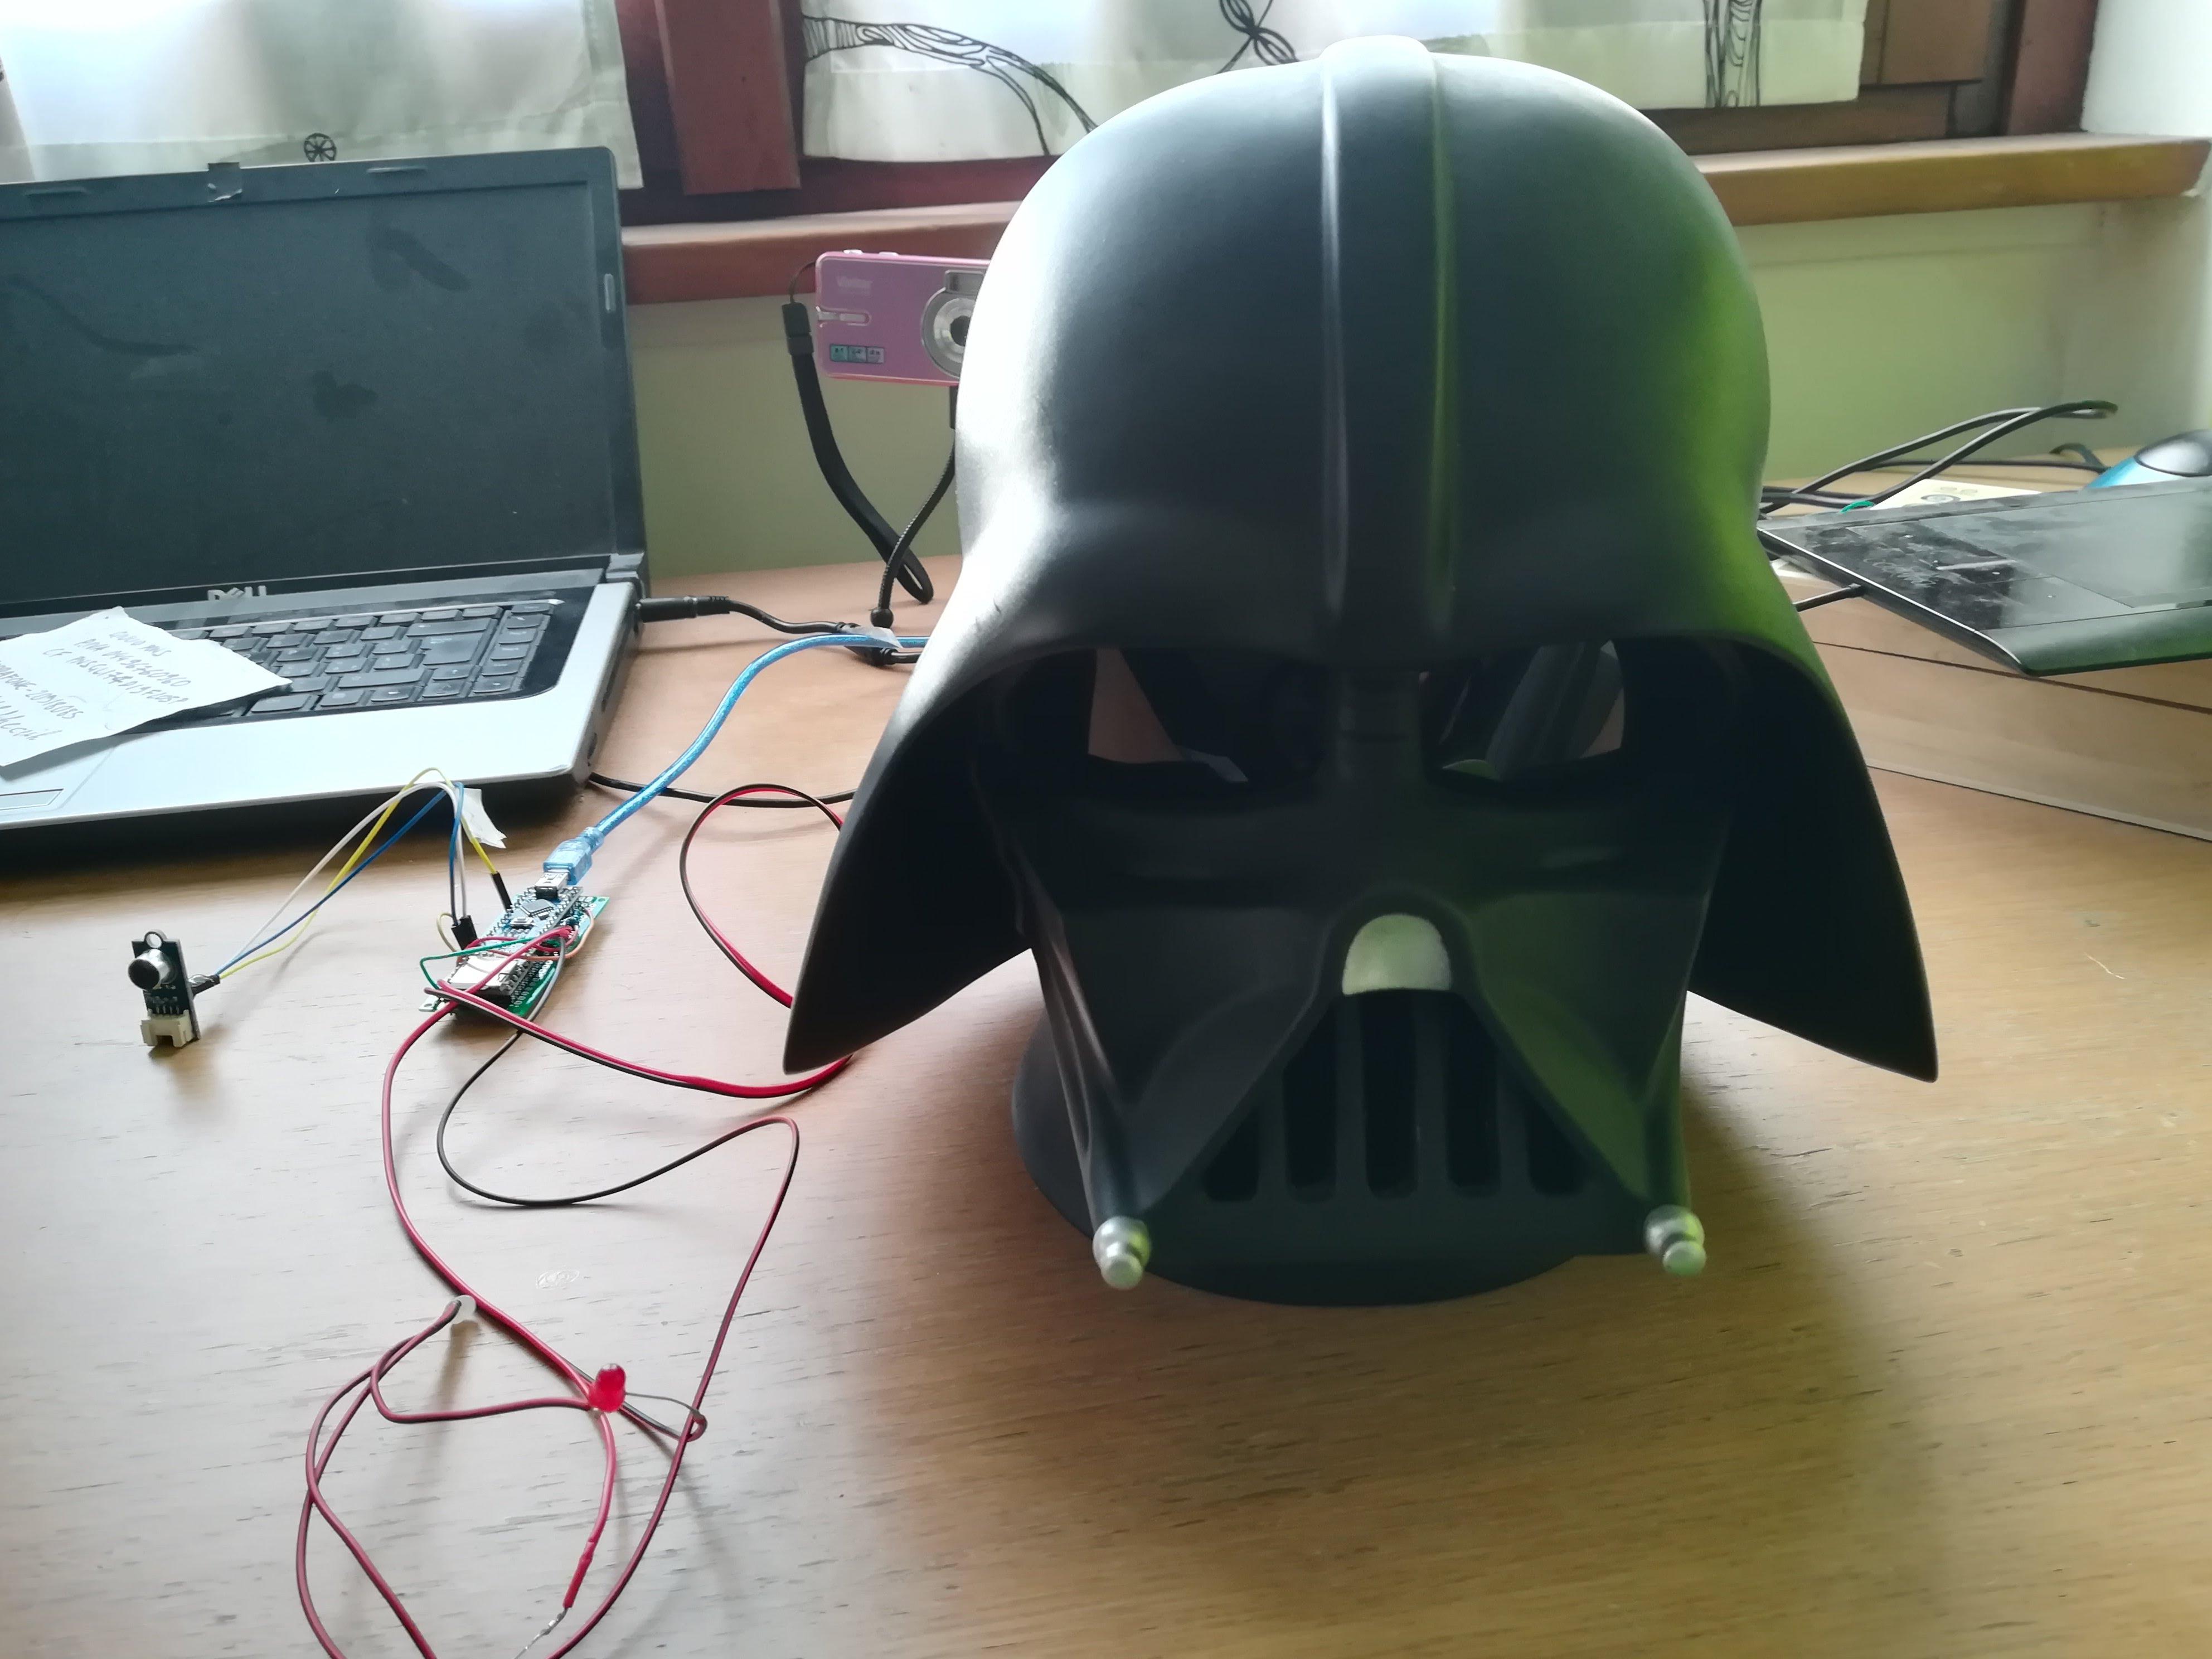 Files | Darth Vader talking head | Hackaday io